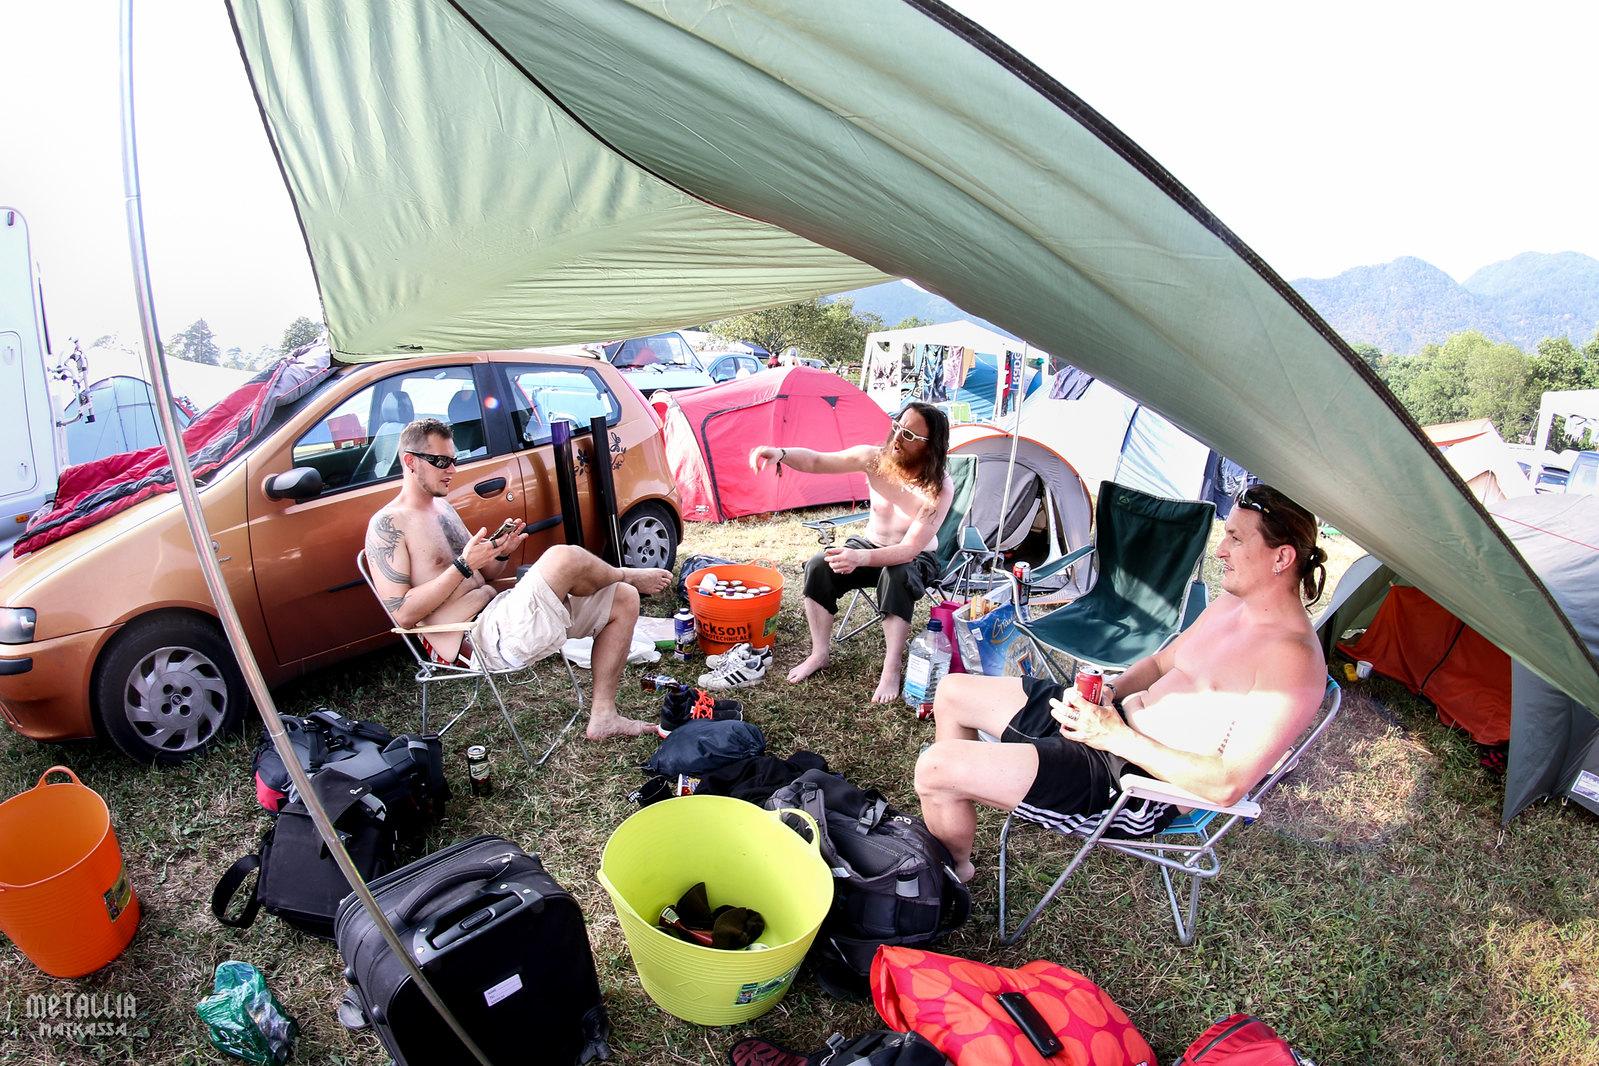 metaldays, metaldays 2016, metalcamp, metaldays camping site